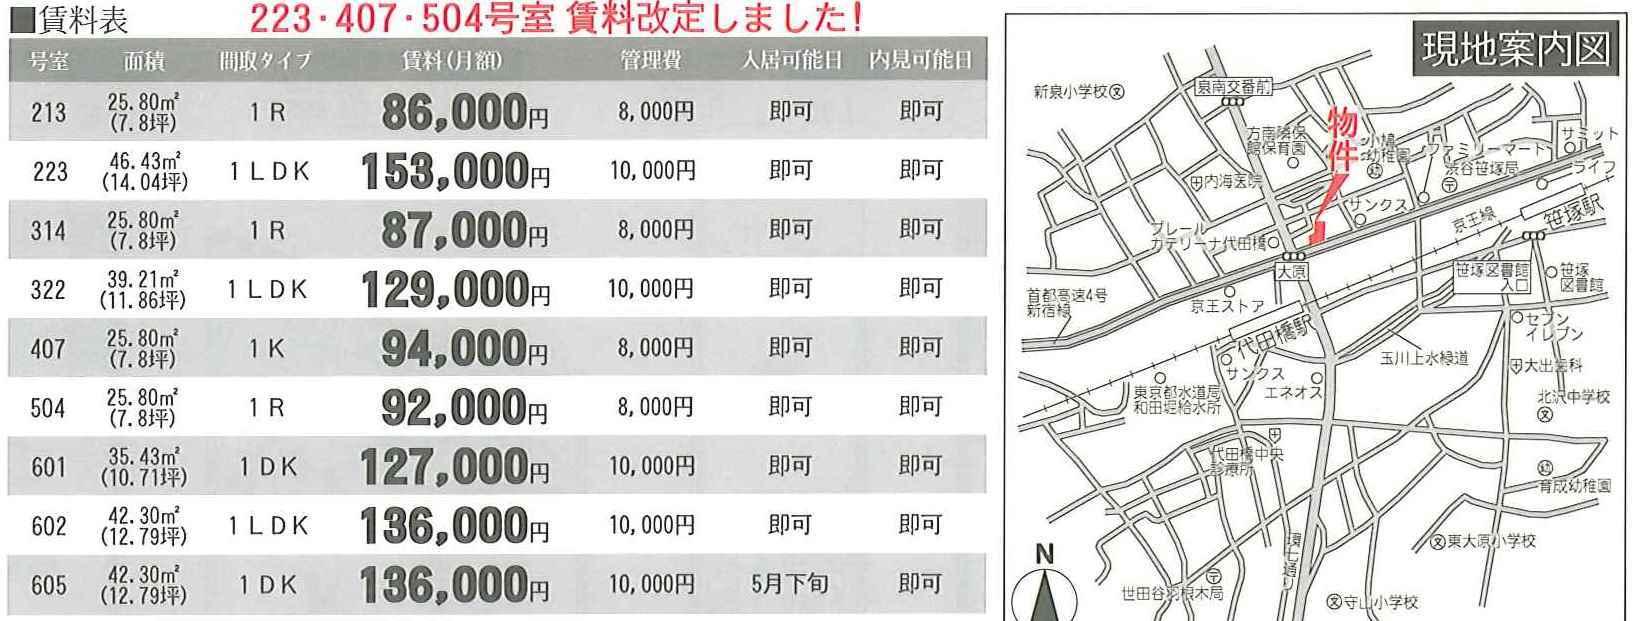 高級賃貸マンション◇レジディア笹塚◇_b0246953_16032006.jpg